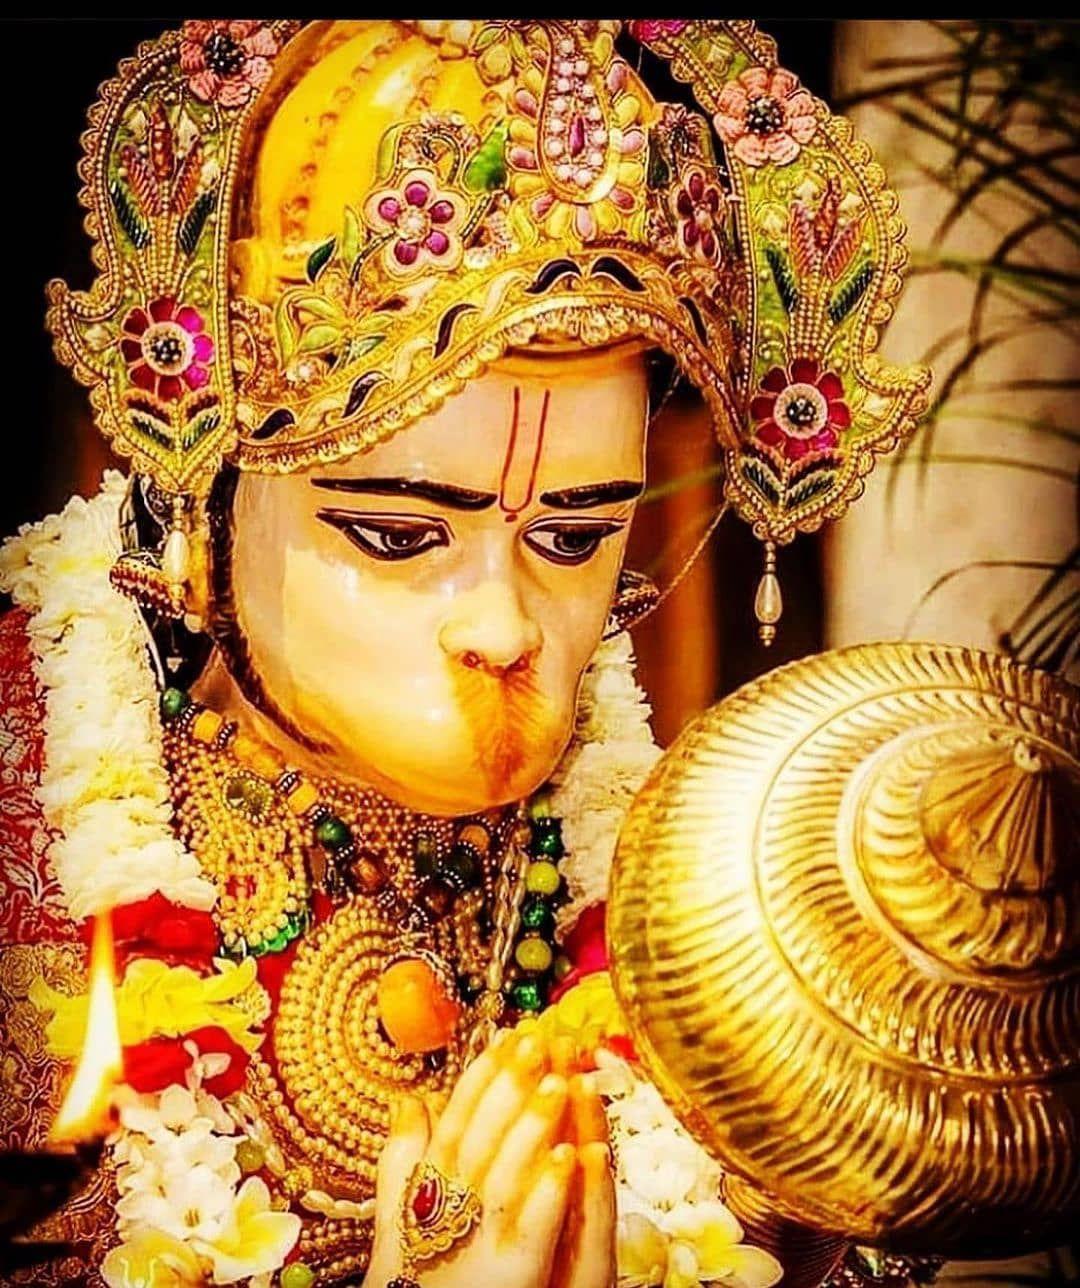 Hanuman God Images Full HD Quality